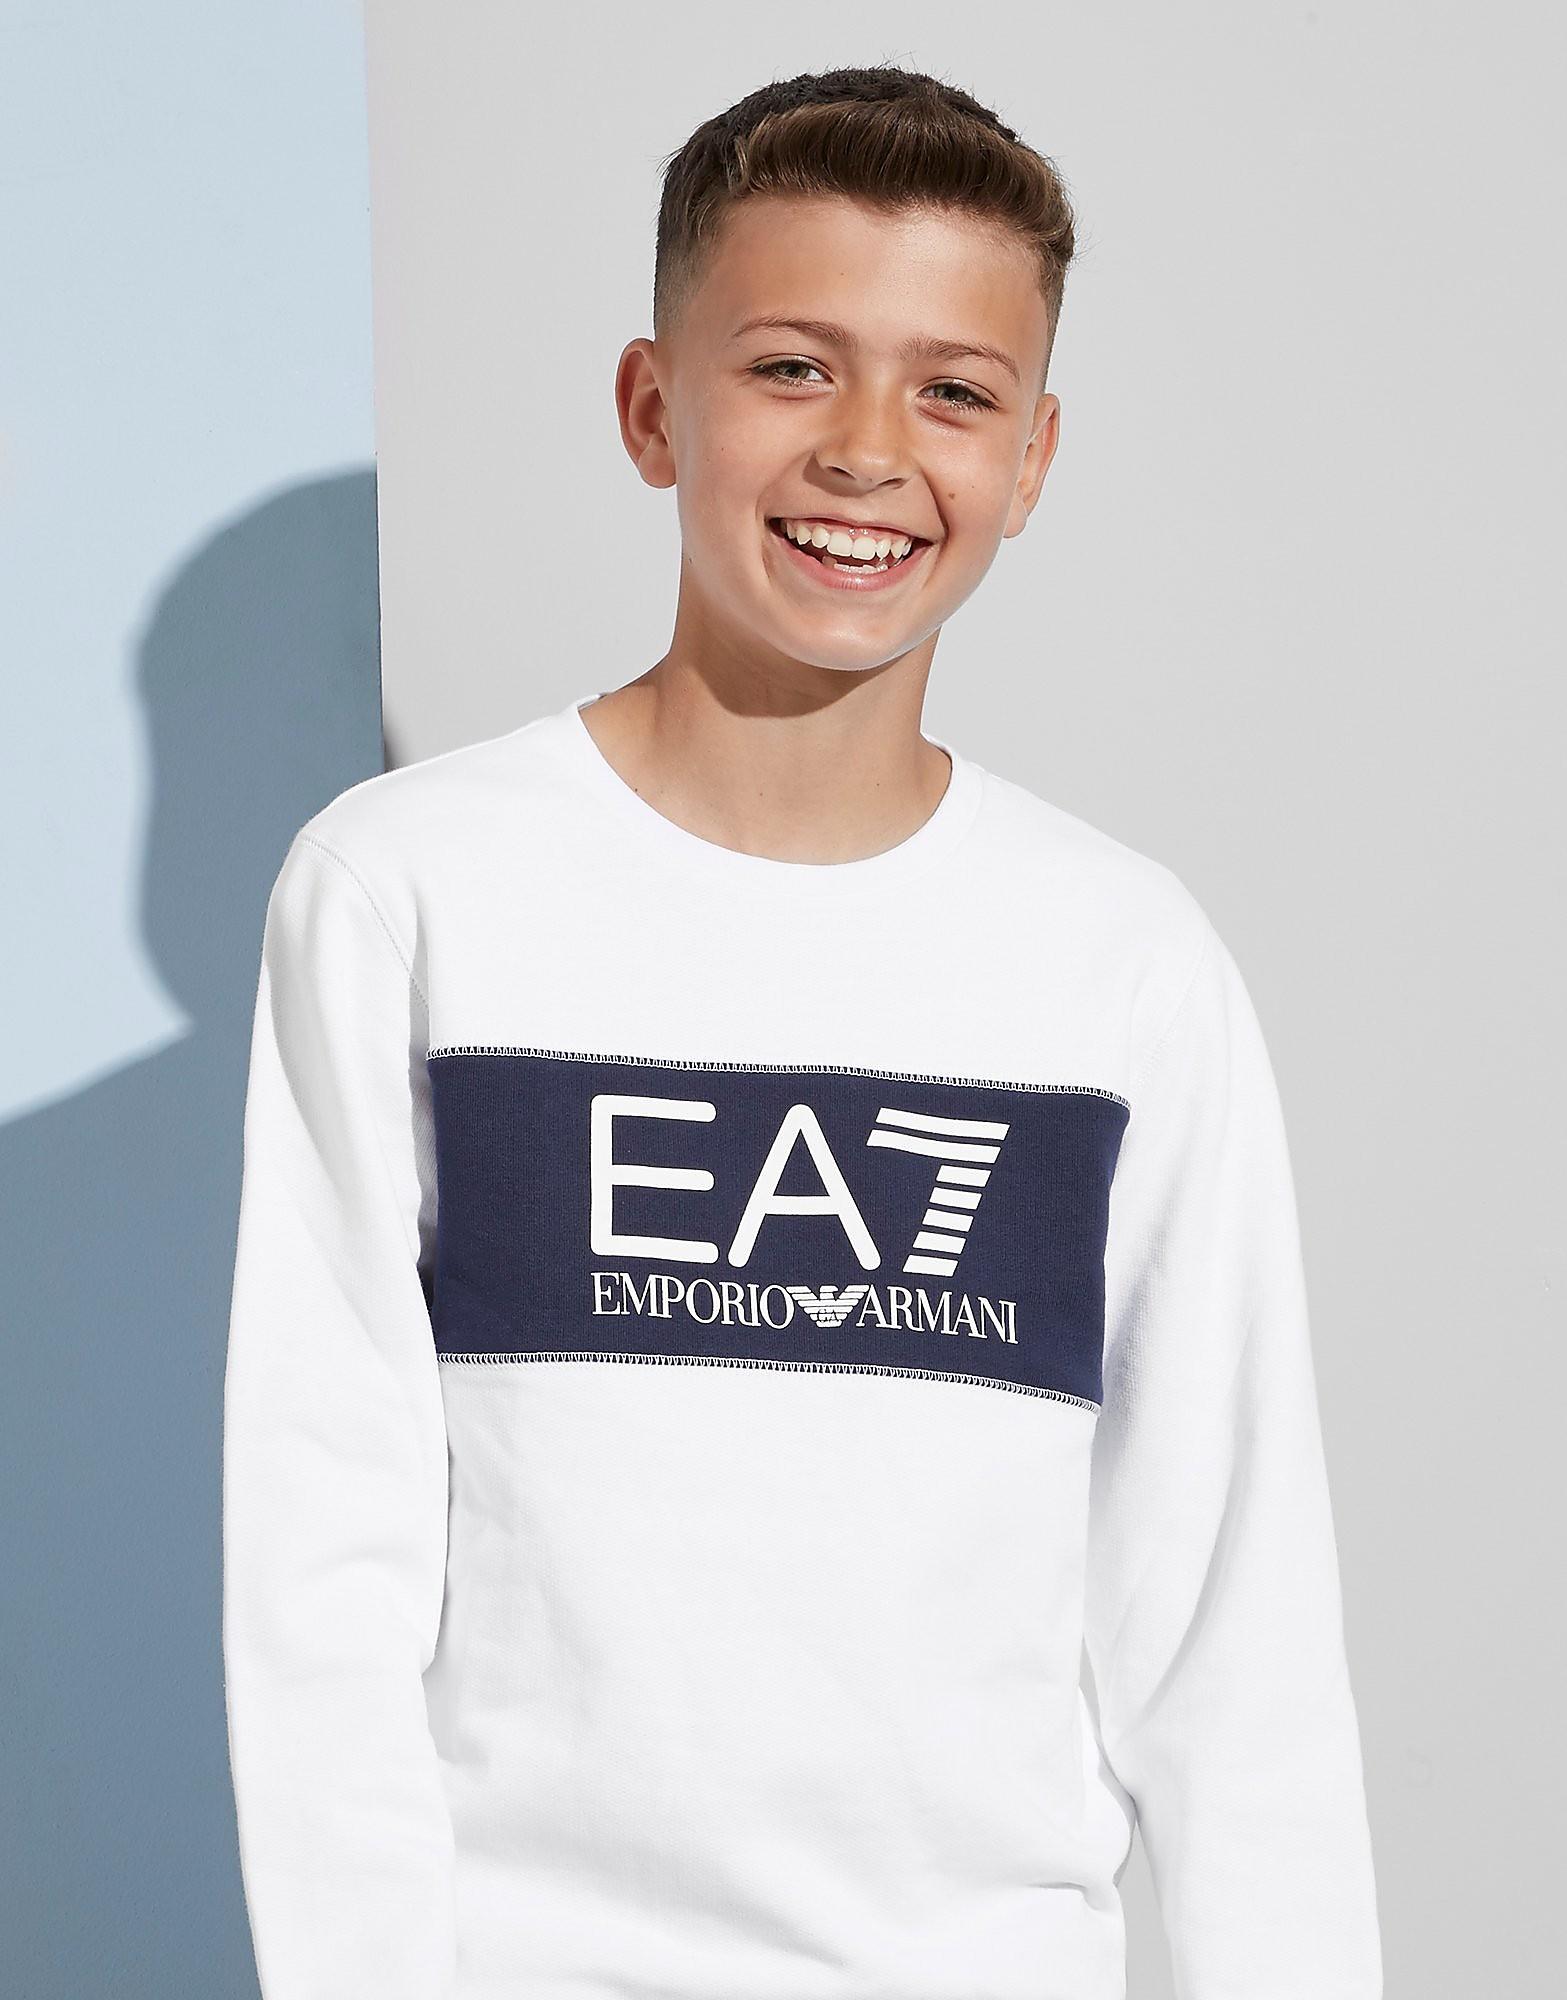 Emporio Armani EA7 Colour Block Fleece Crew Sweatshirt Junior